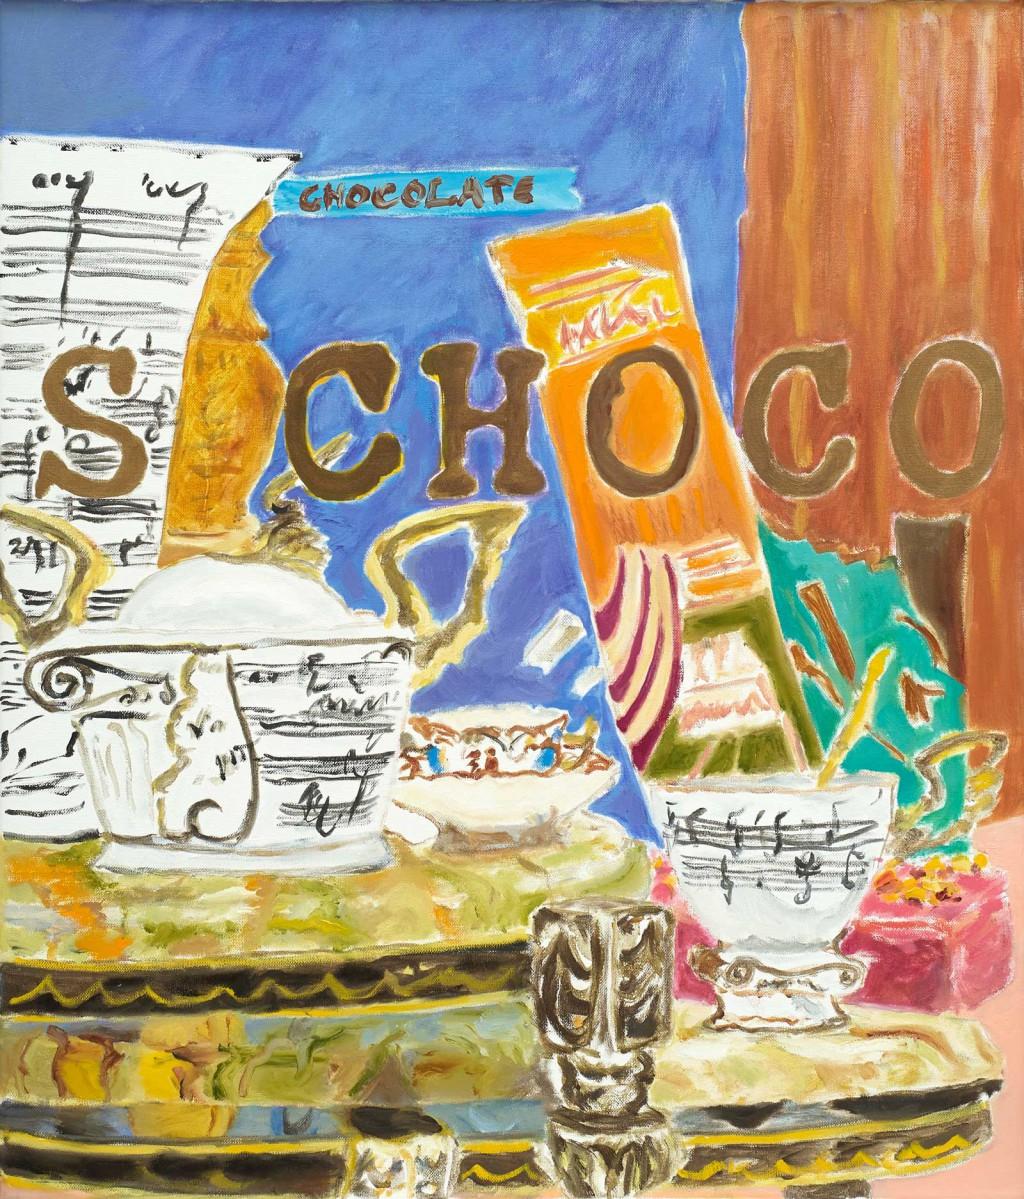 Schoco | 2019 | 70 x 60cm